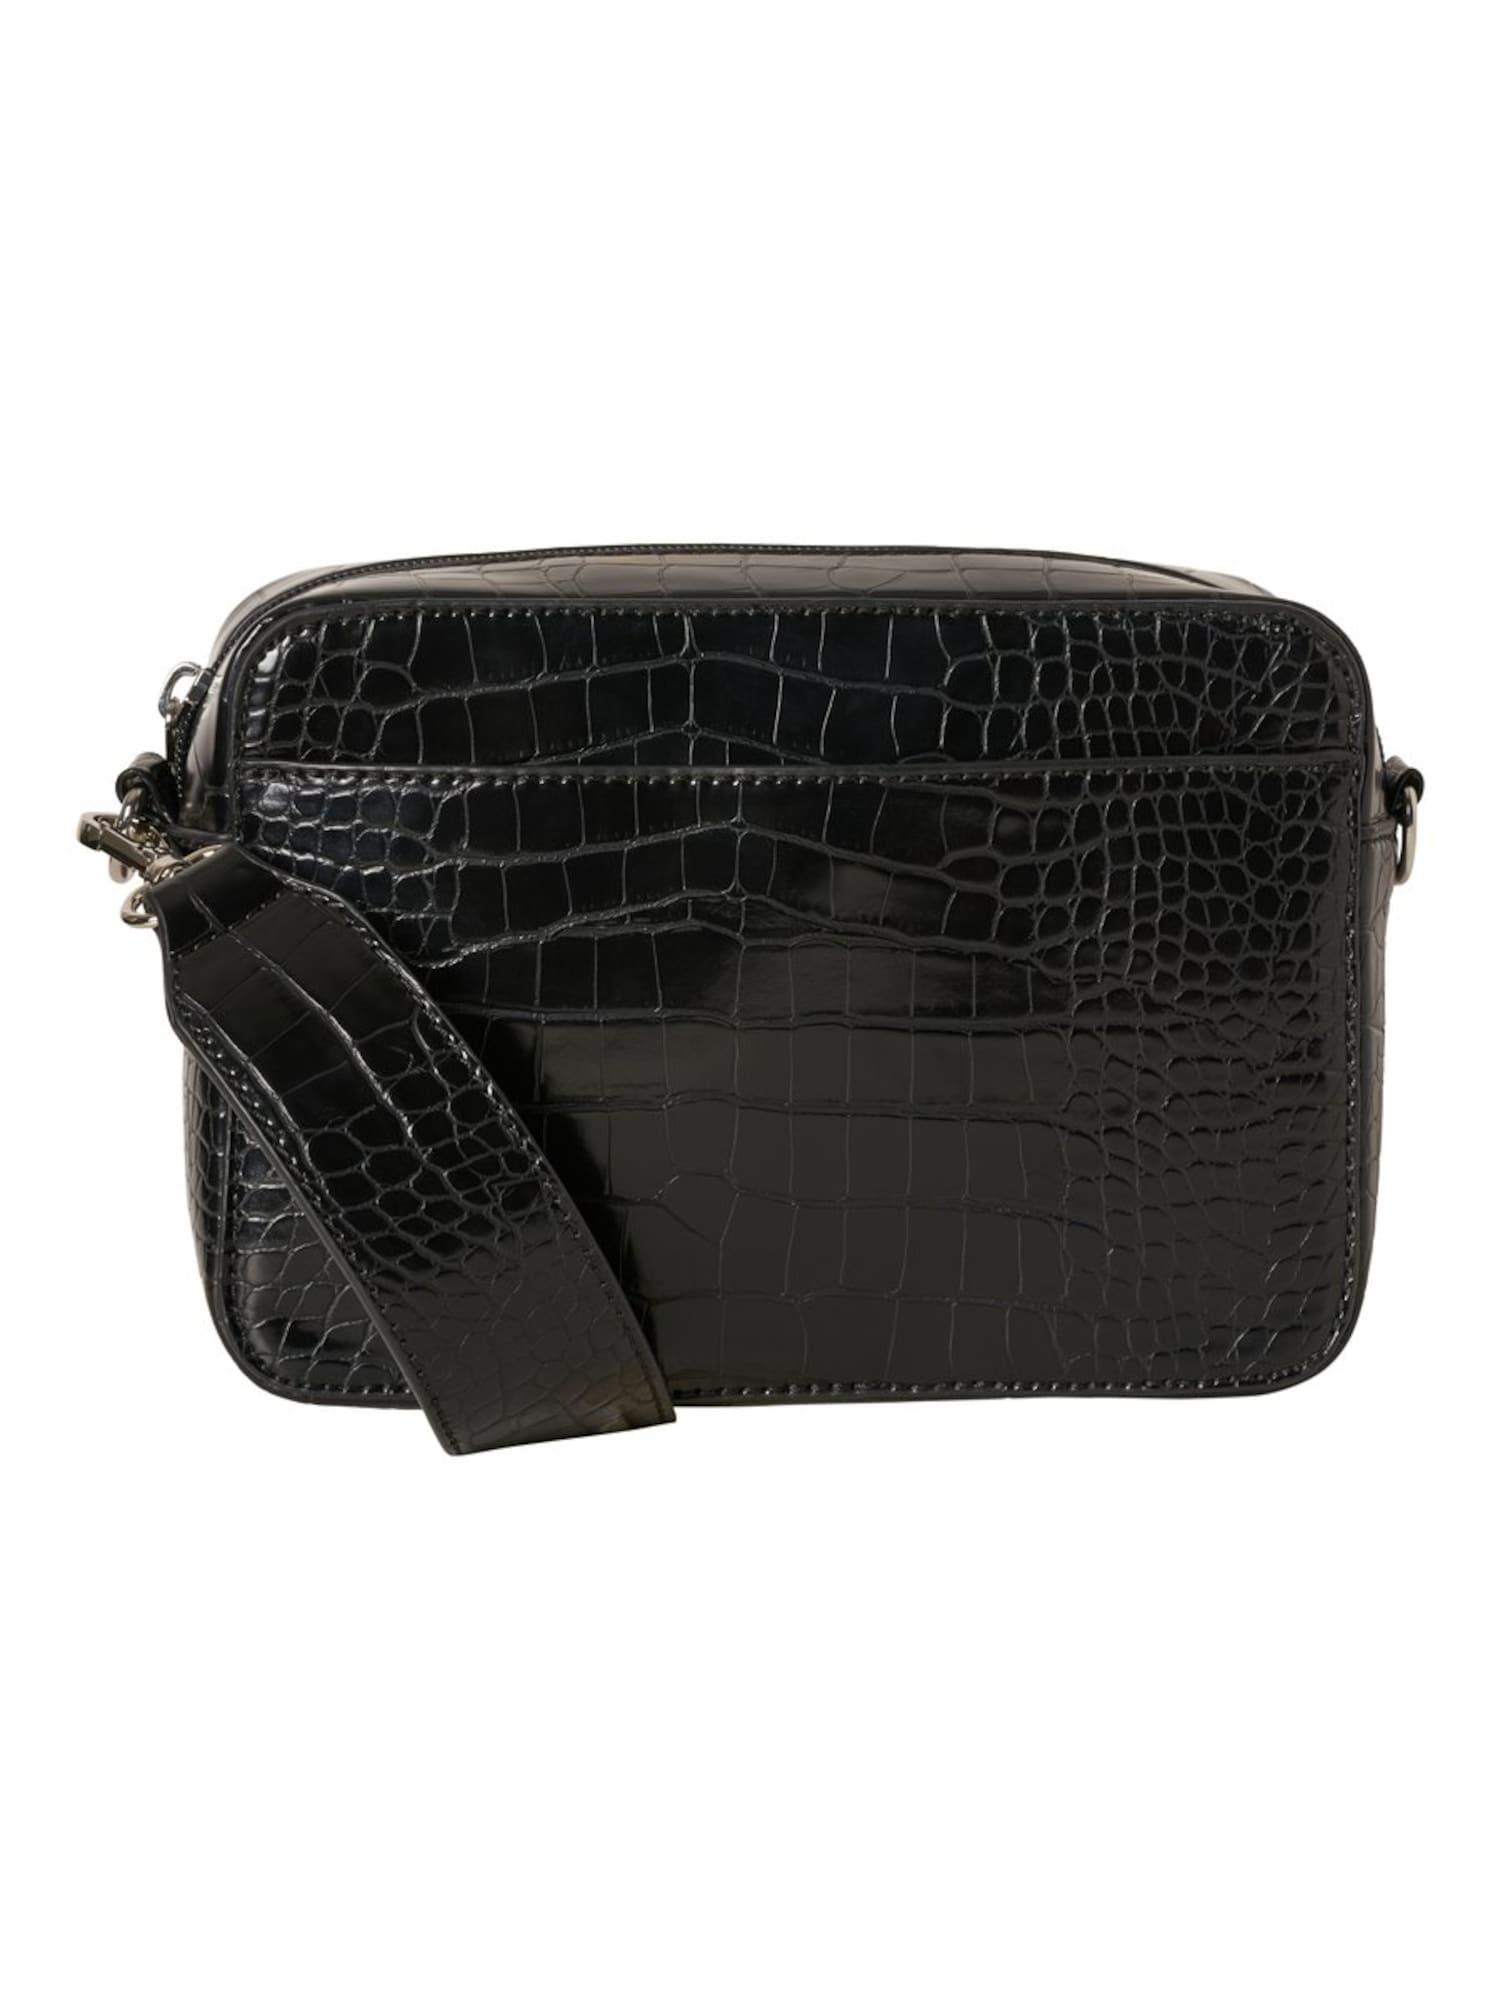 Umhängetasche | Taschen > Handtaschen > Umhängetaschen | Schwarz | PIECES